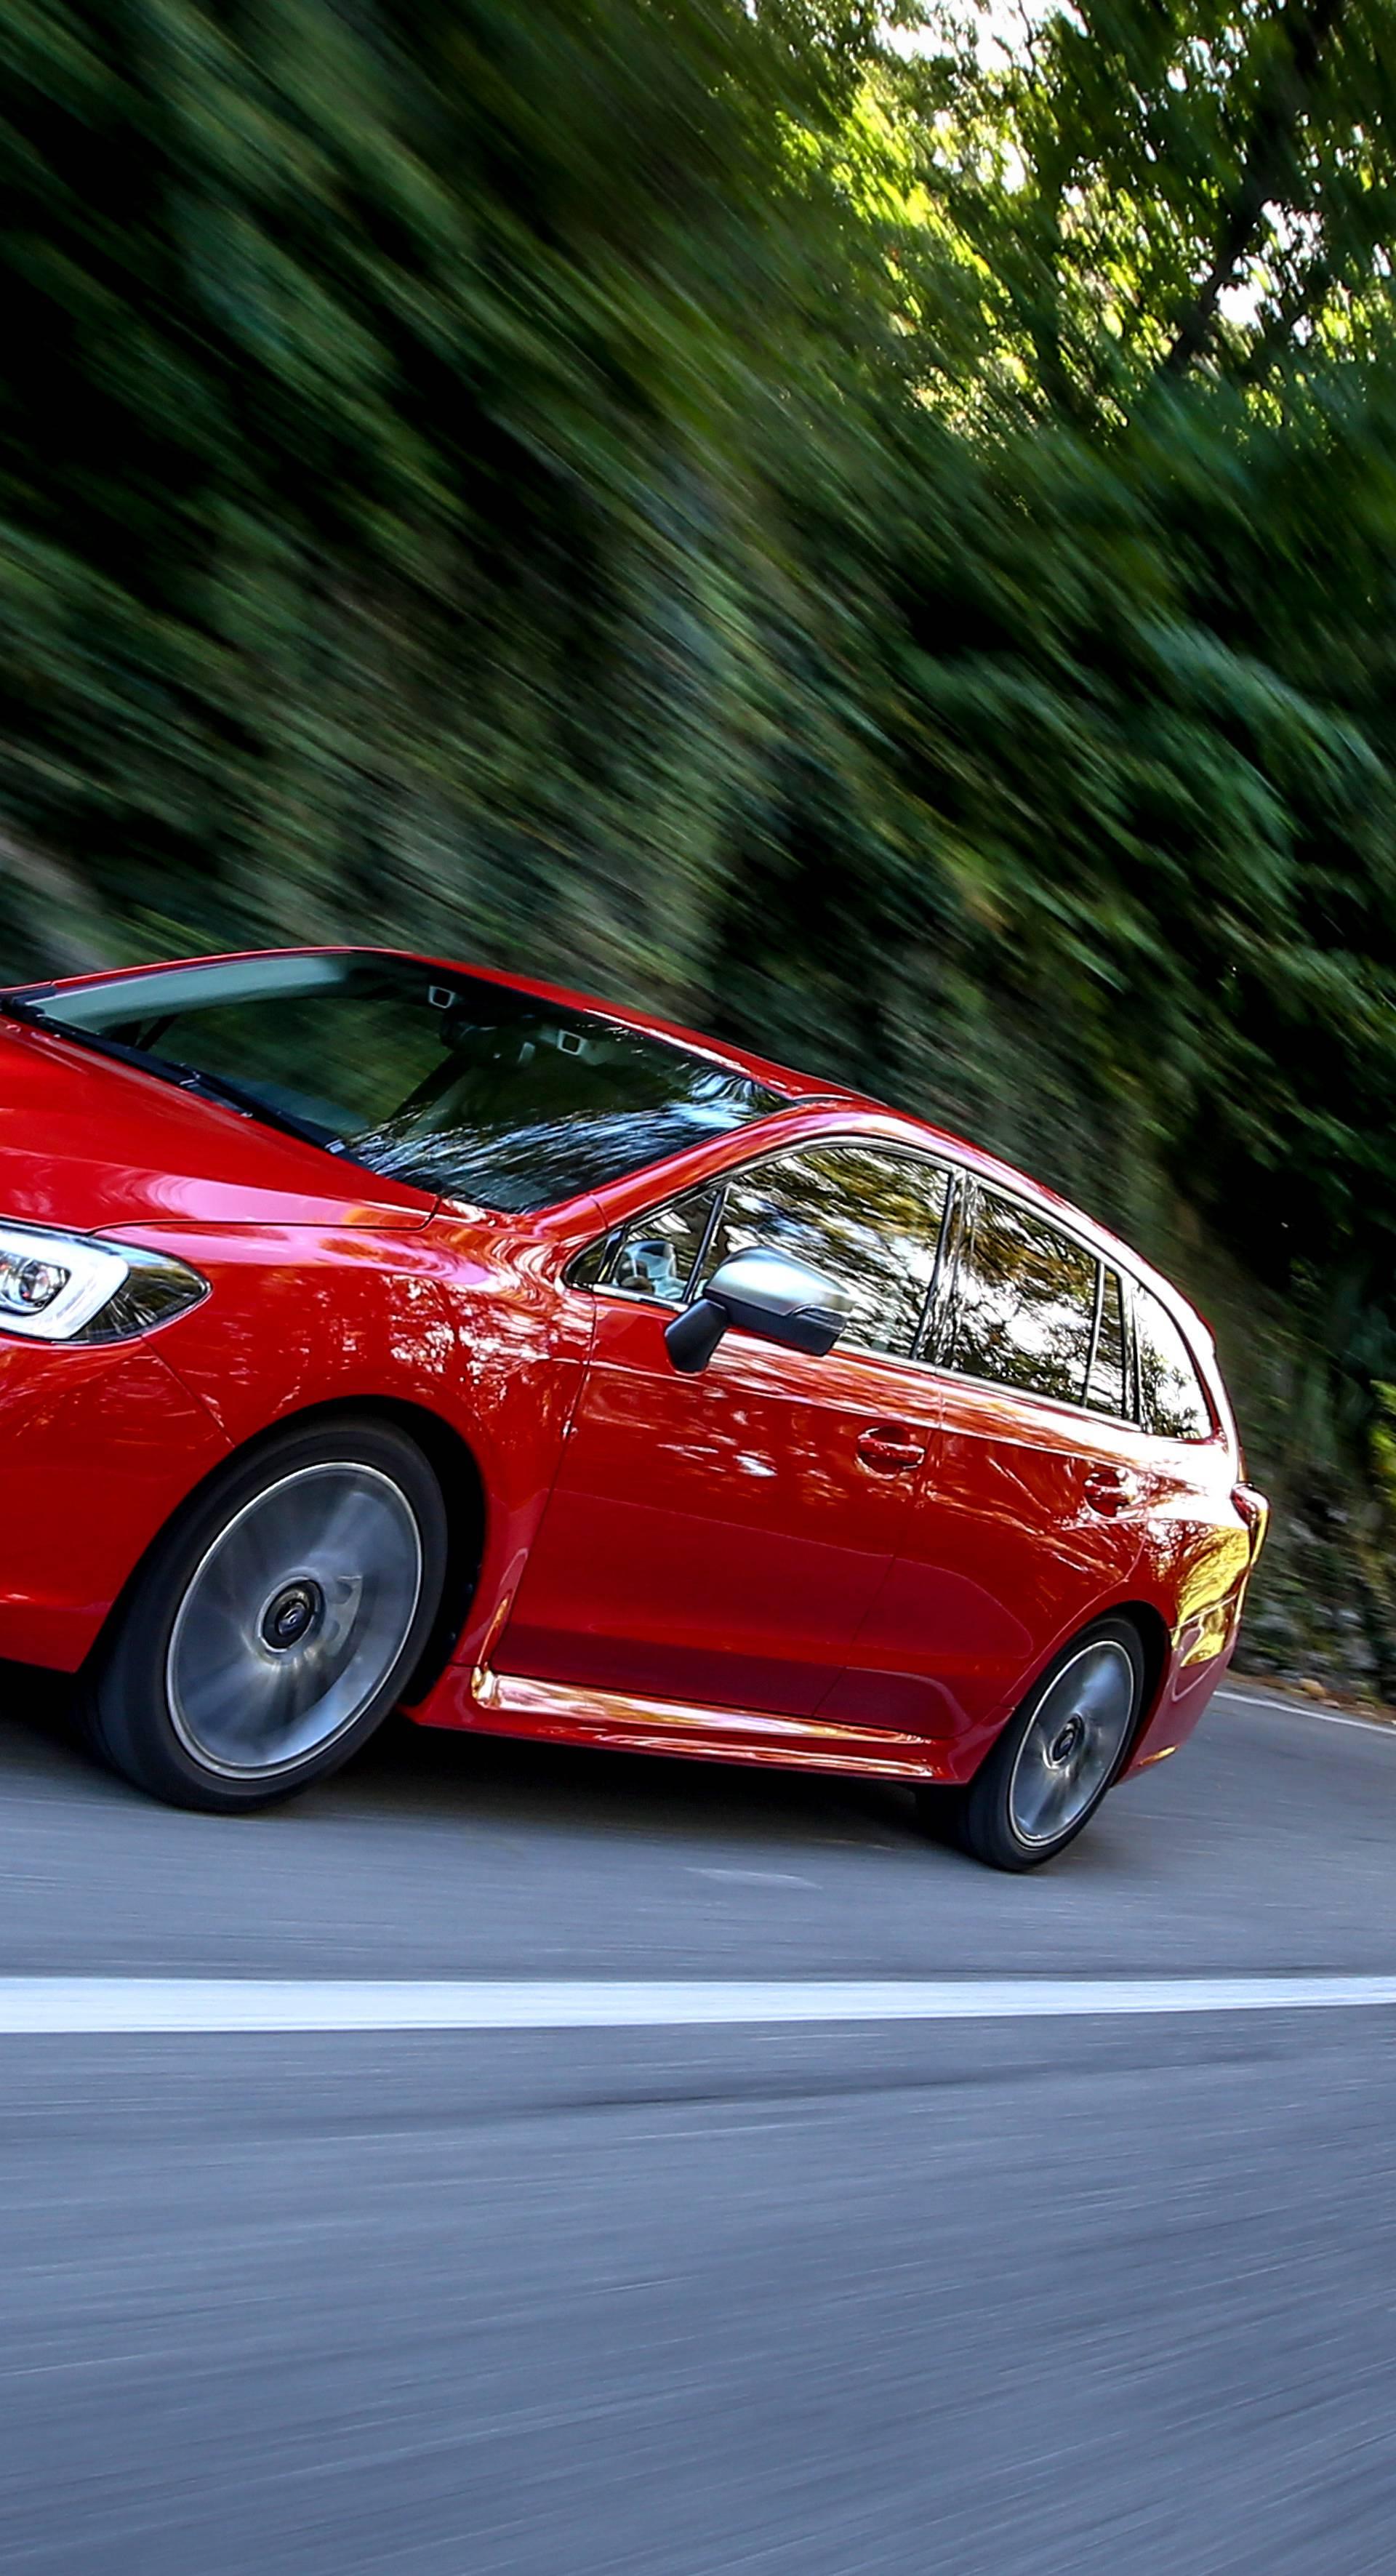 Napredak u sigurnosti: Vozili smo obnovljeni Subaru Levorg